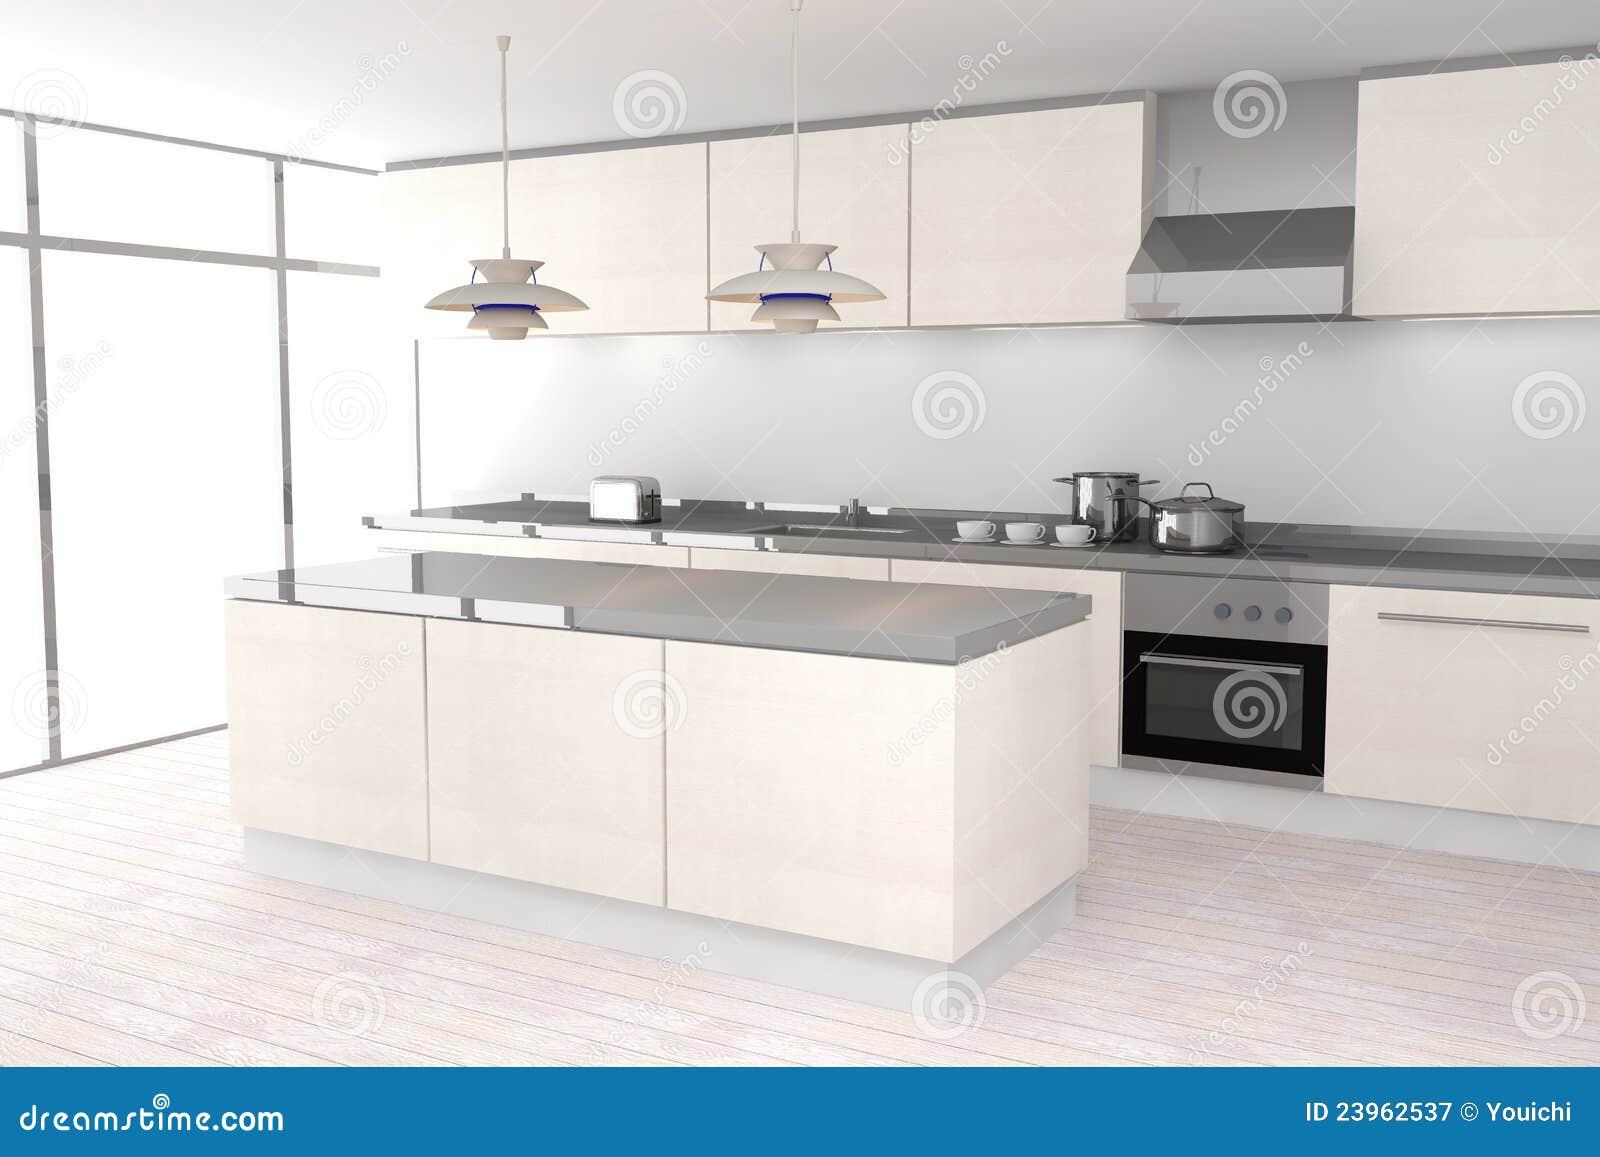 Download Weiße Moderne Küche Stock Abbildung. Illustration Von Küche    23962537